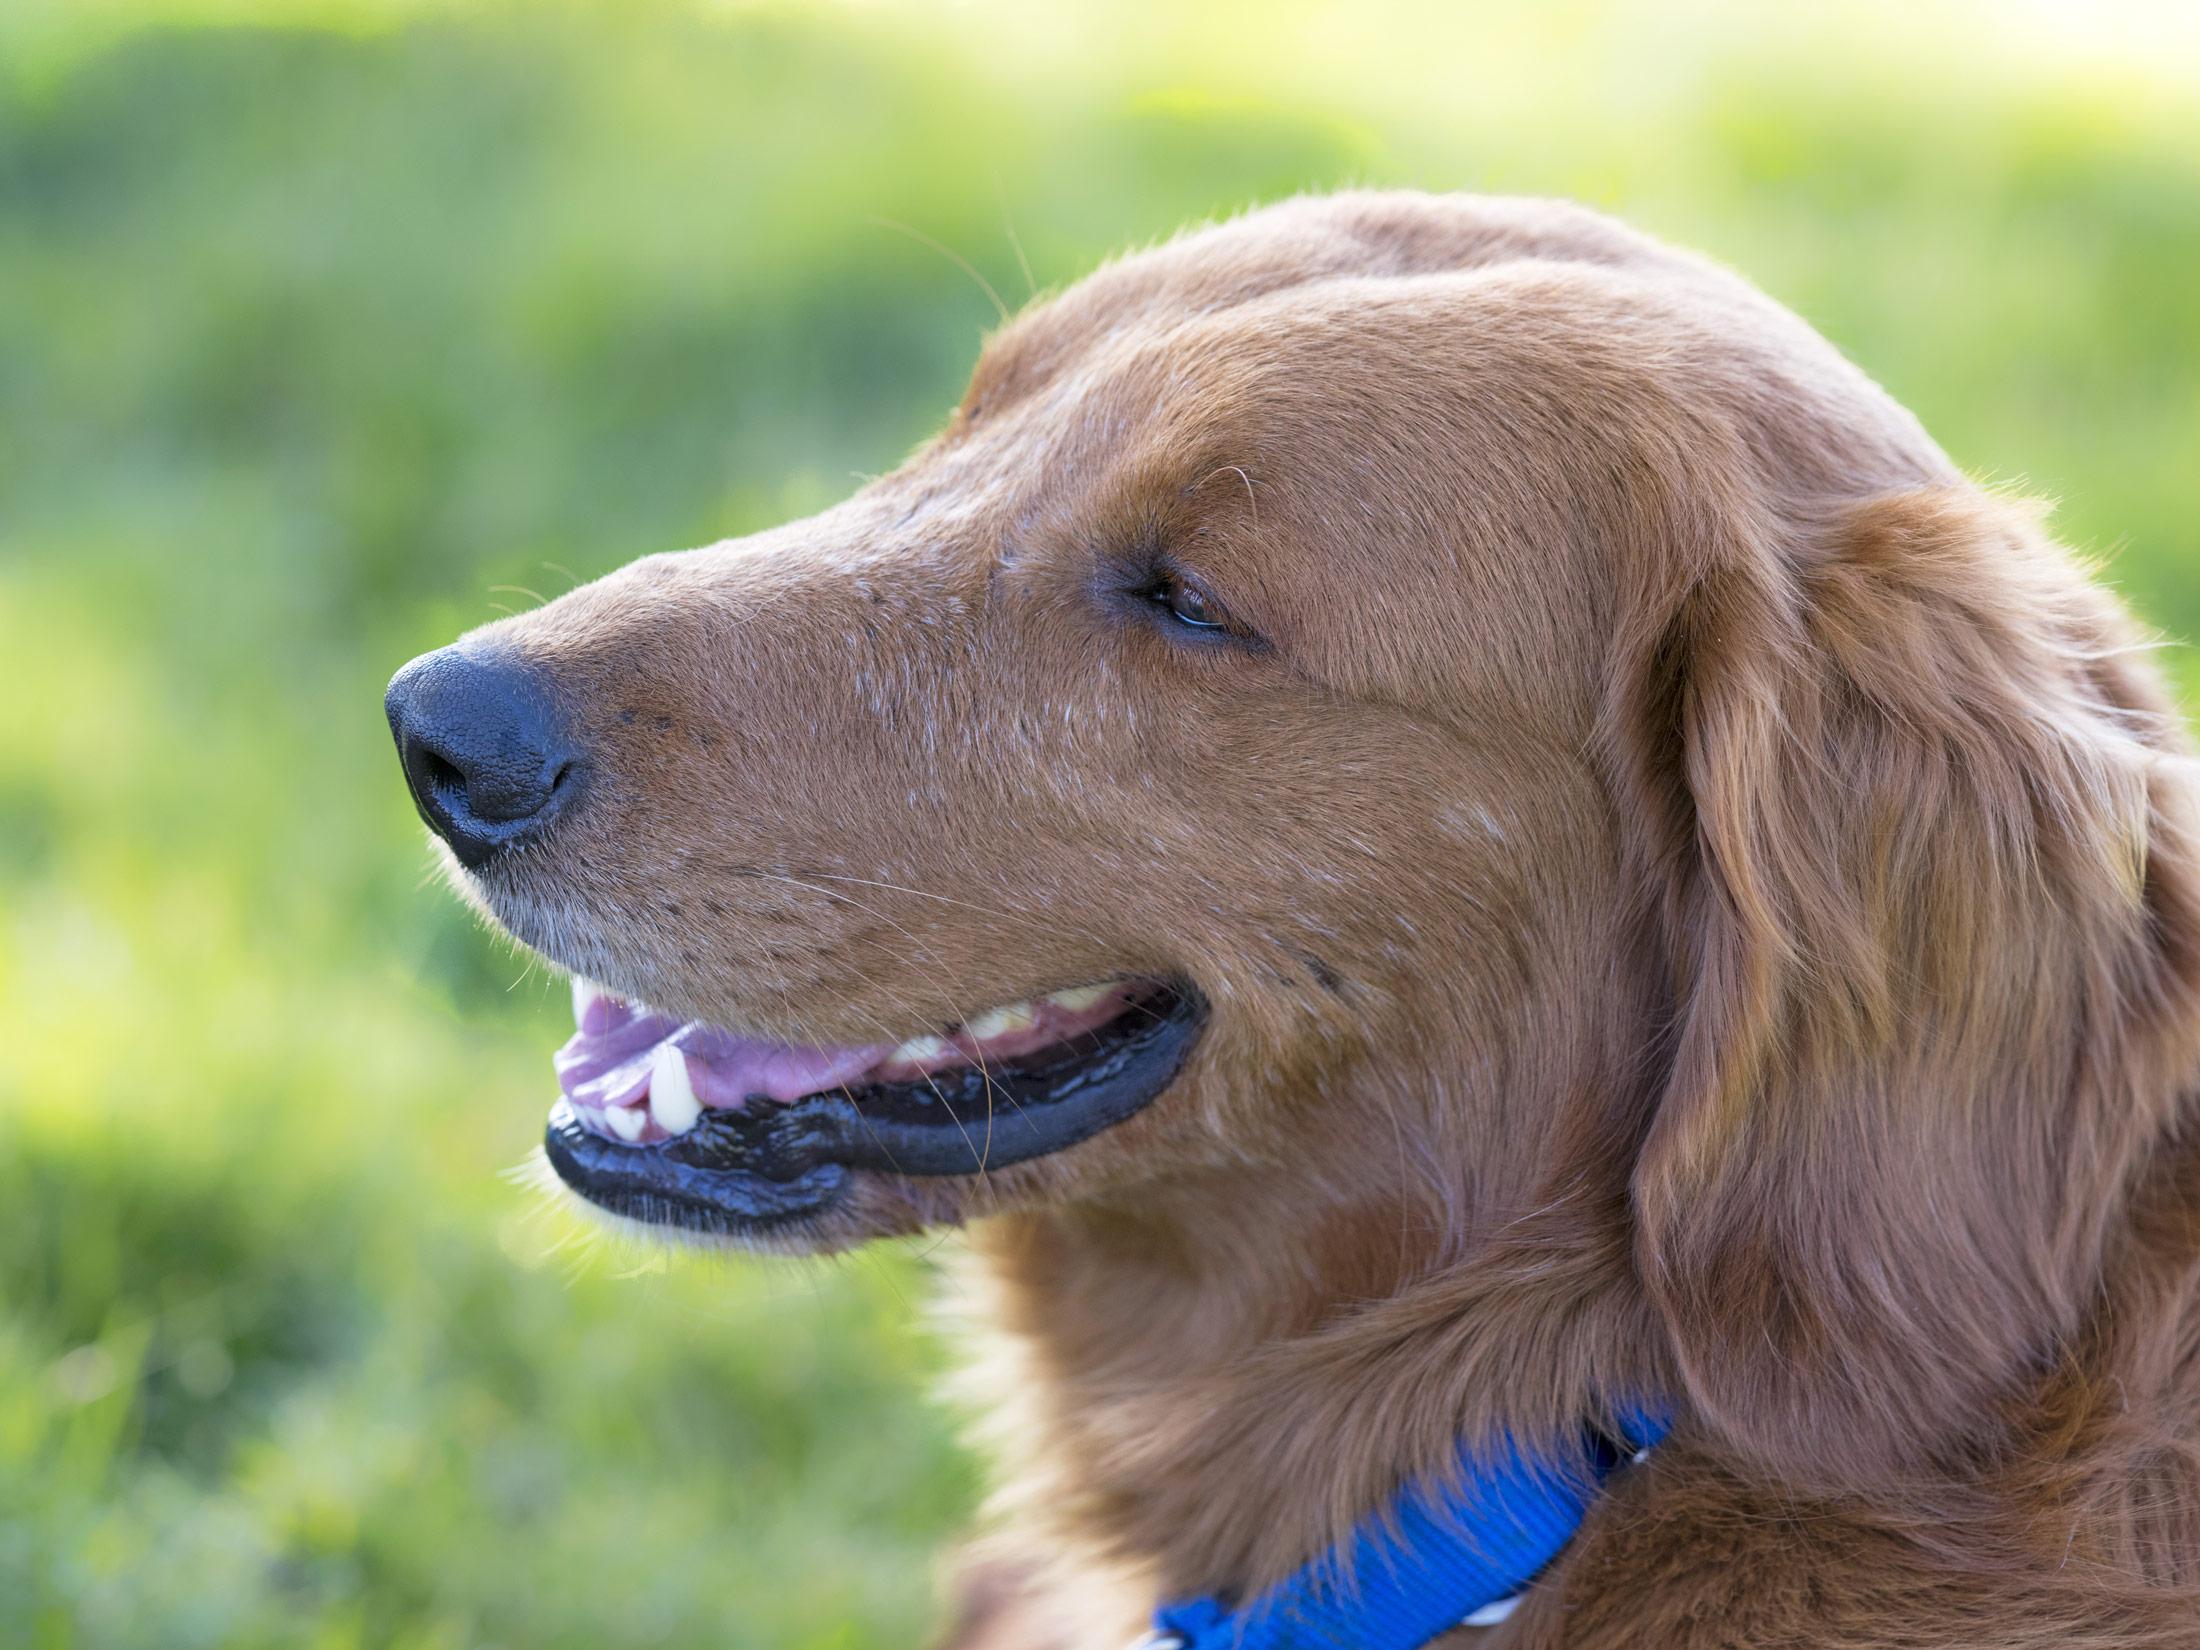 How To Find A Good Dog Vet Reddit